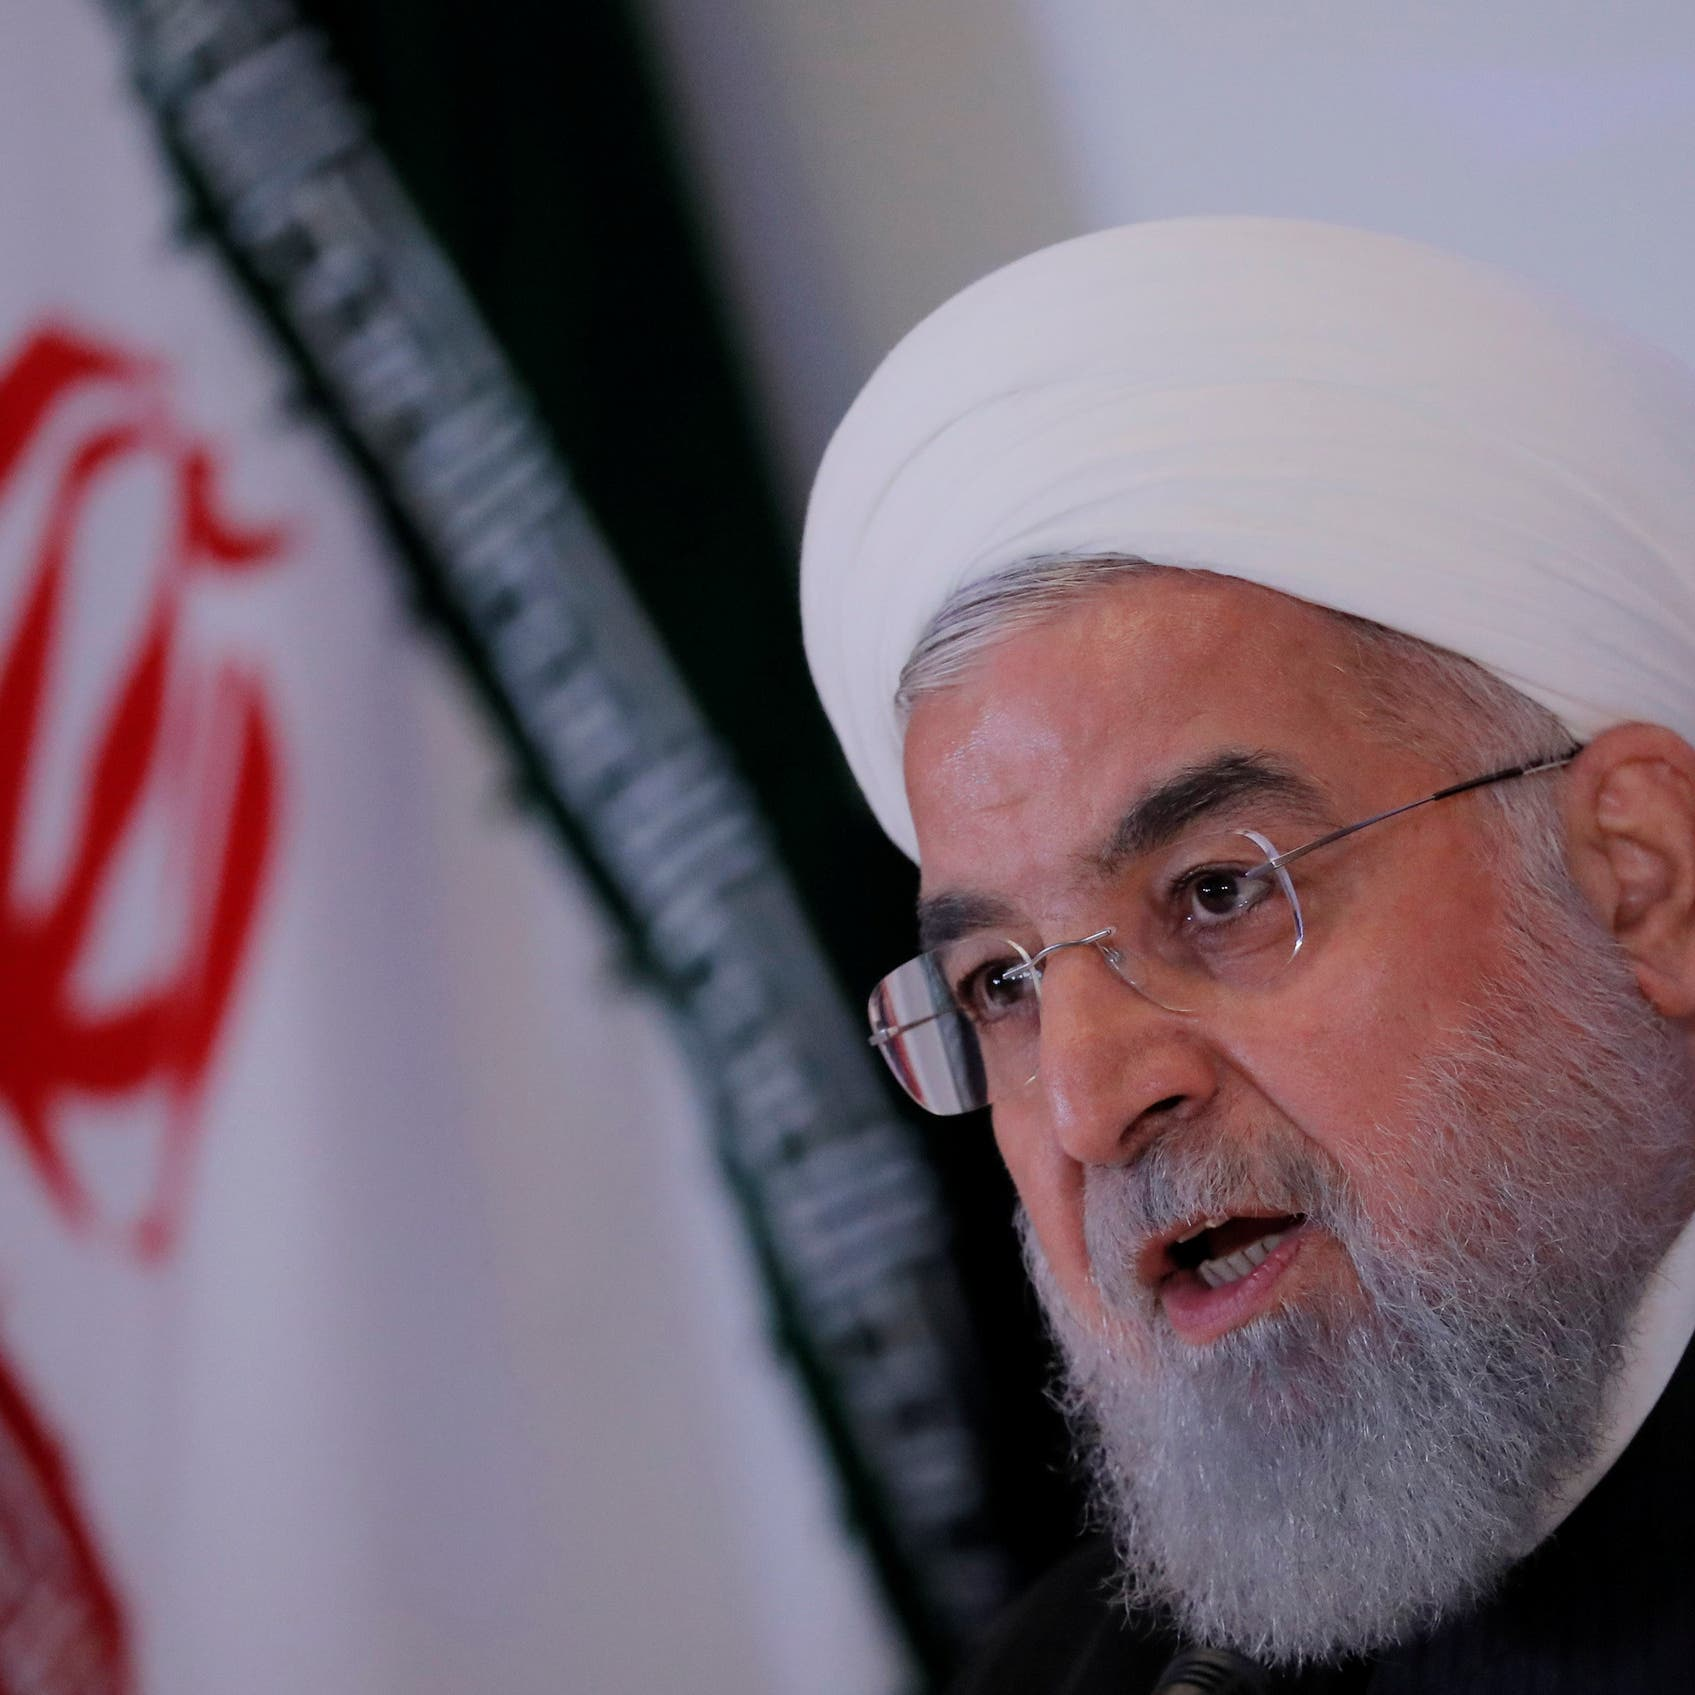 روحاني: أميركا فشلت في الشرق الأوسط.. وسنواصل بيع نفطنا